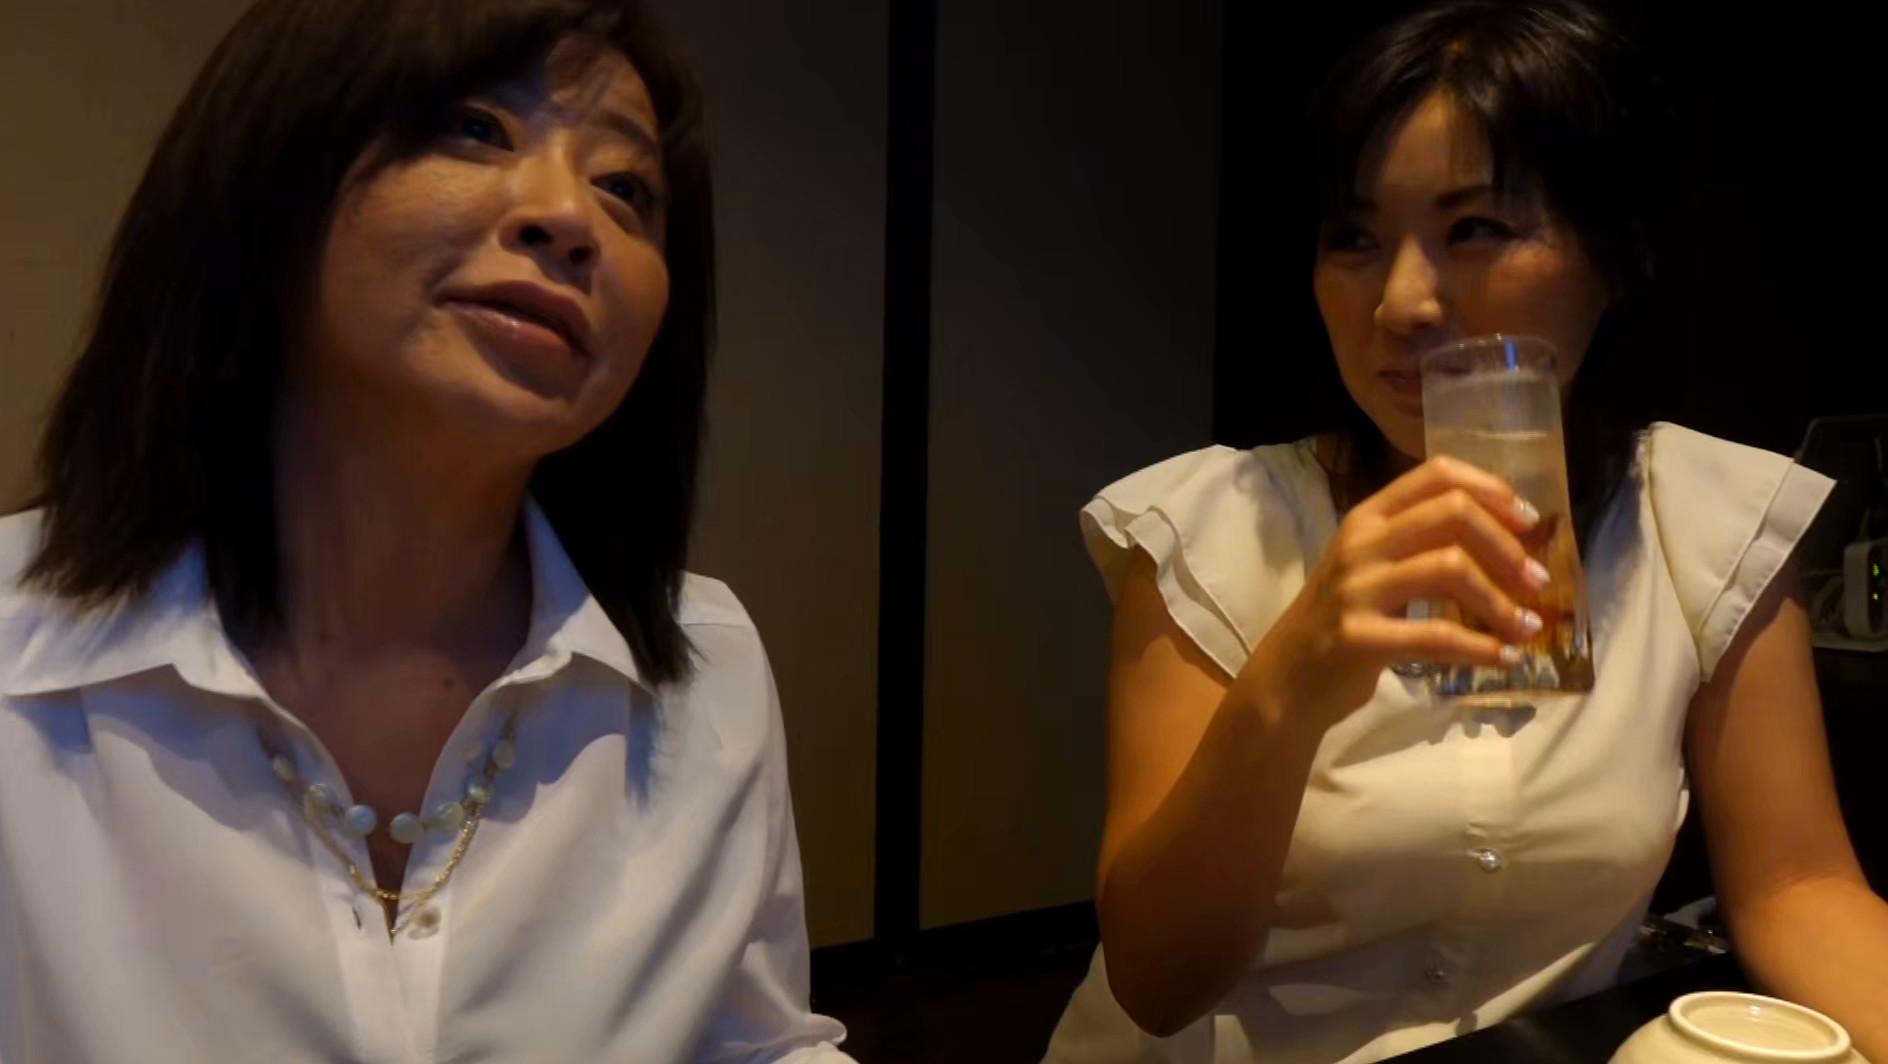 【四十路】素人熟妻インタビュー 111・112人目